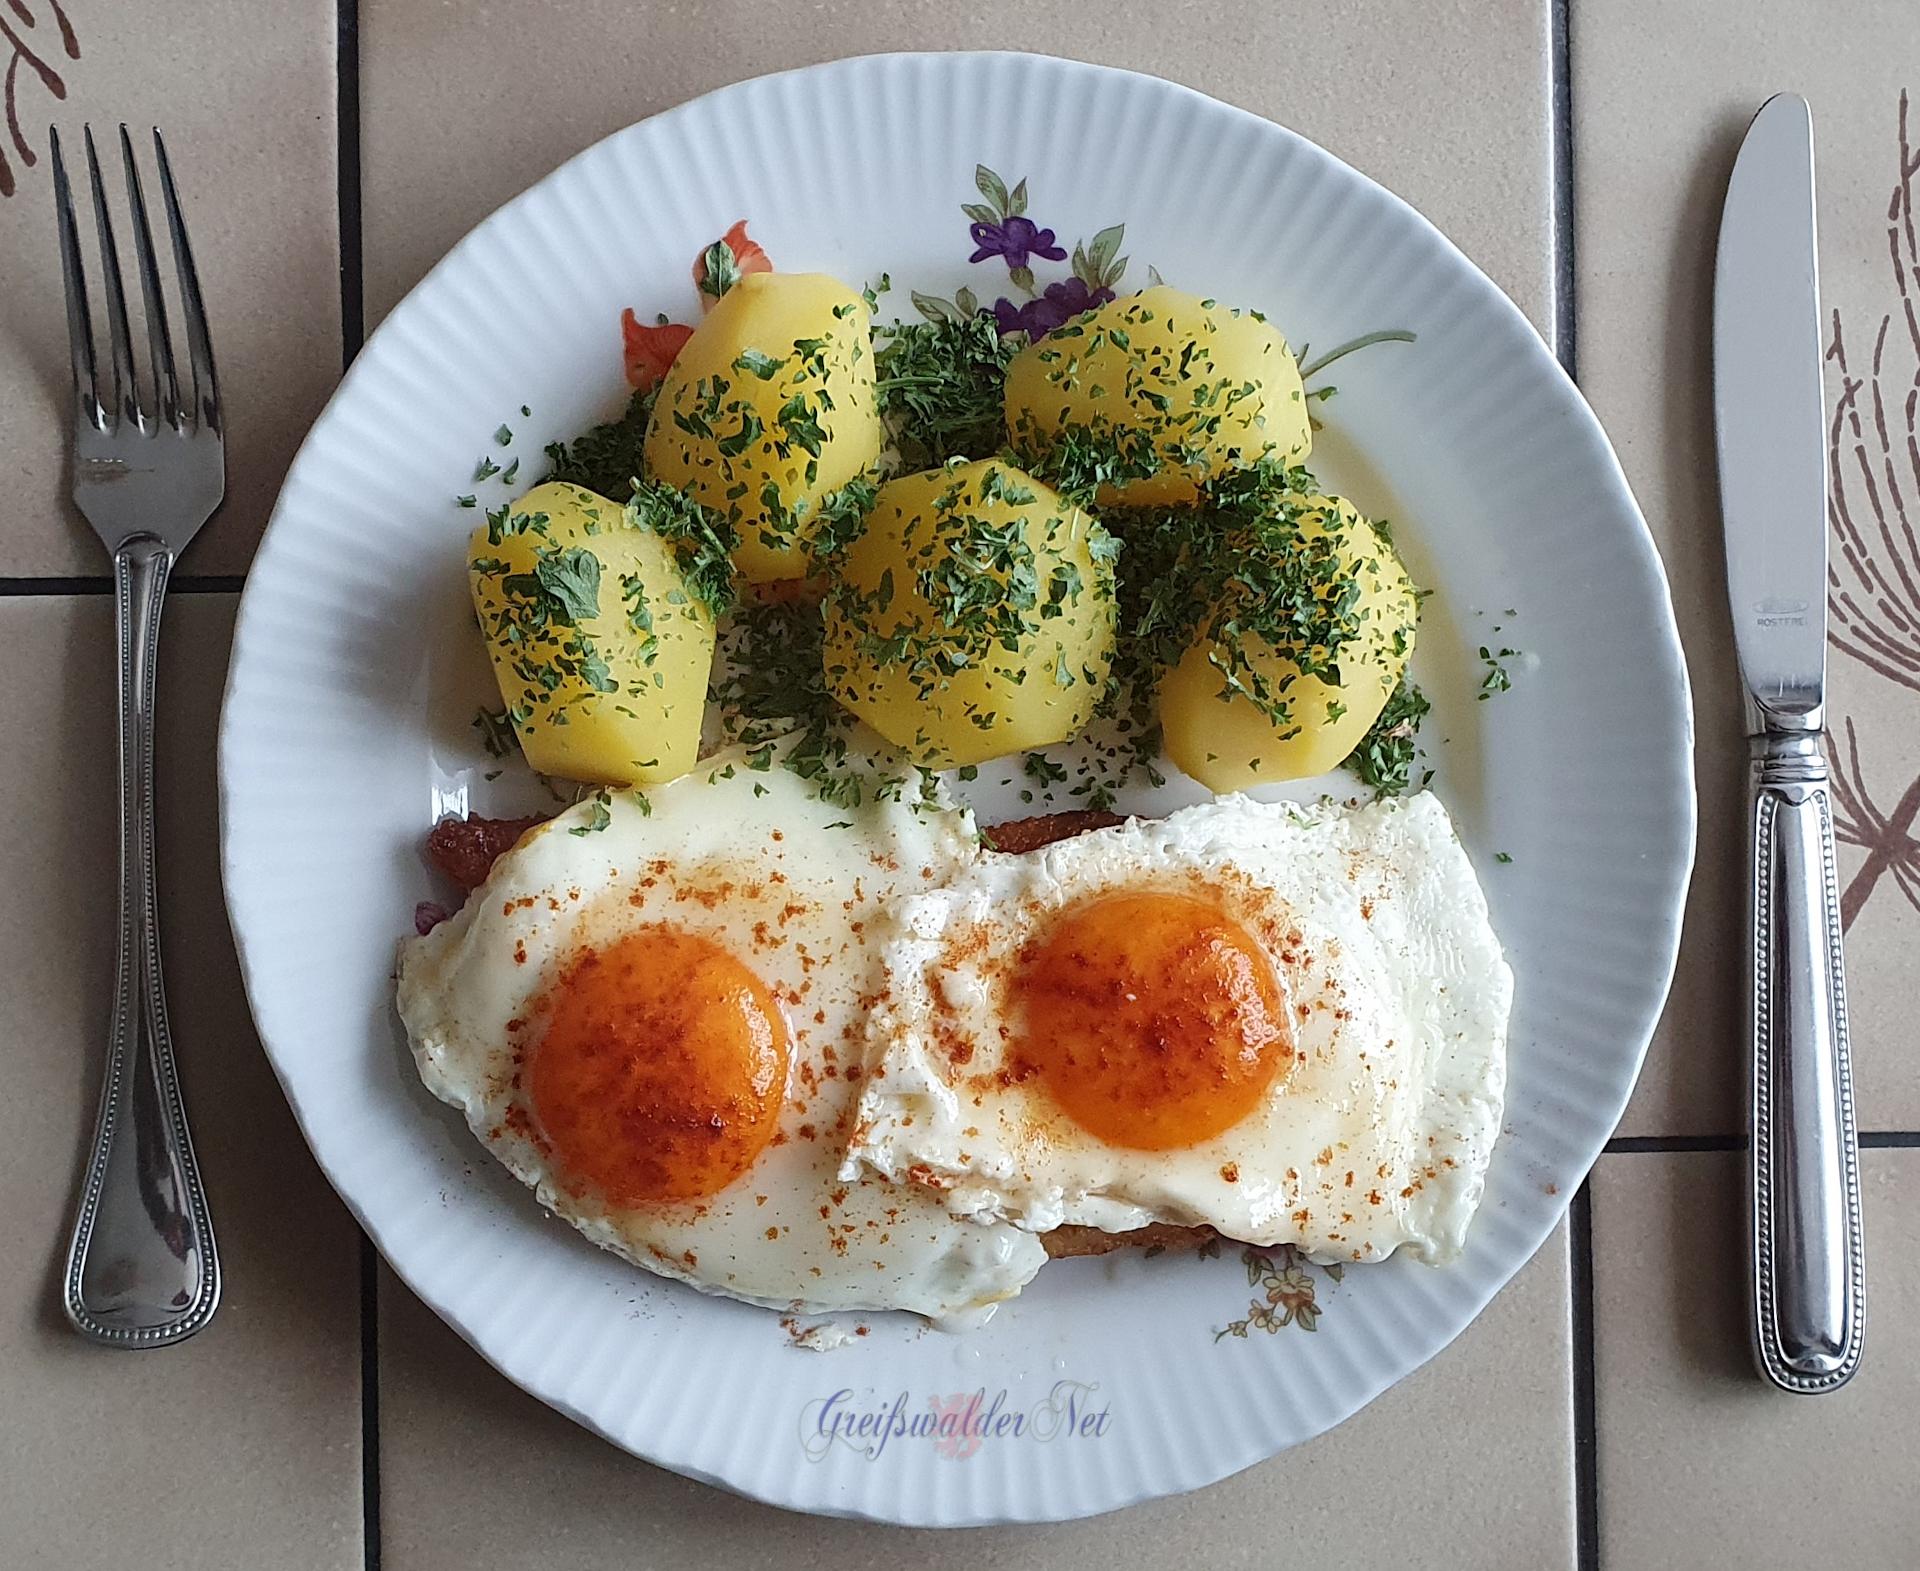 Schnitzel mit Spiegeleier und Petersilienkartoffeln